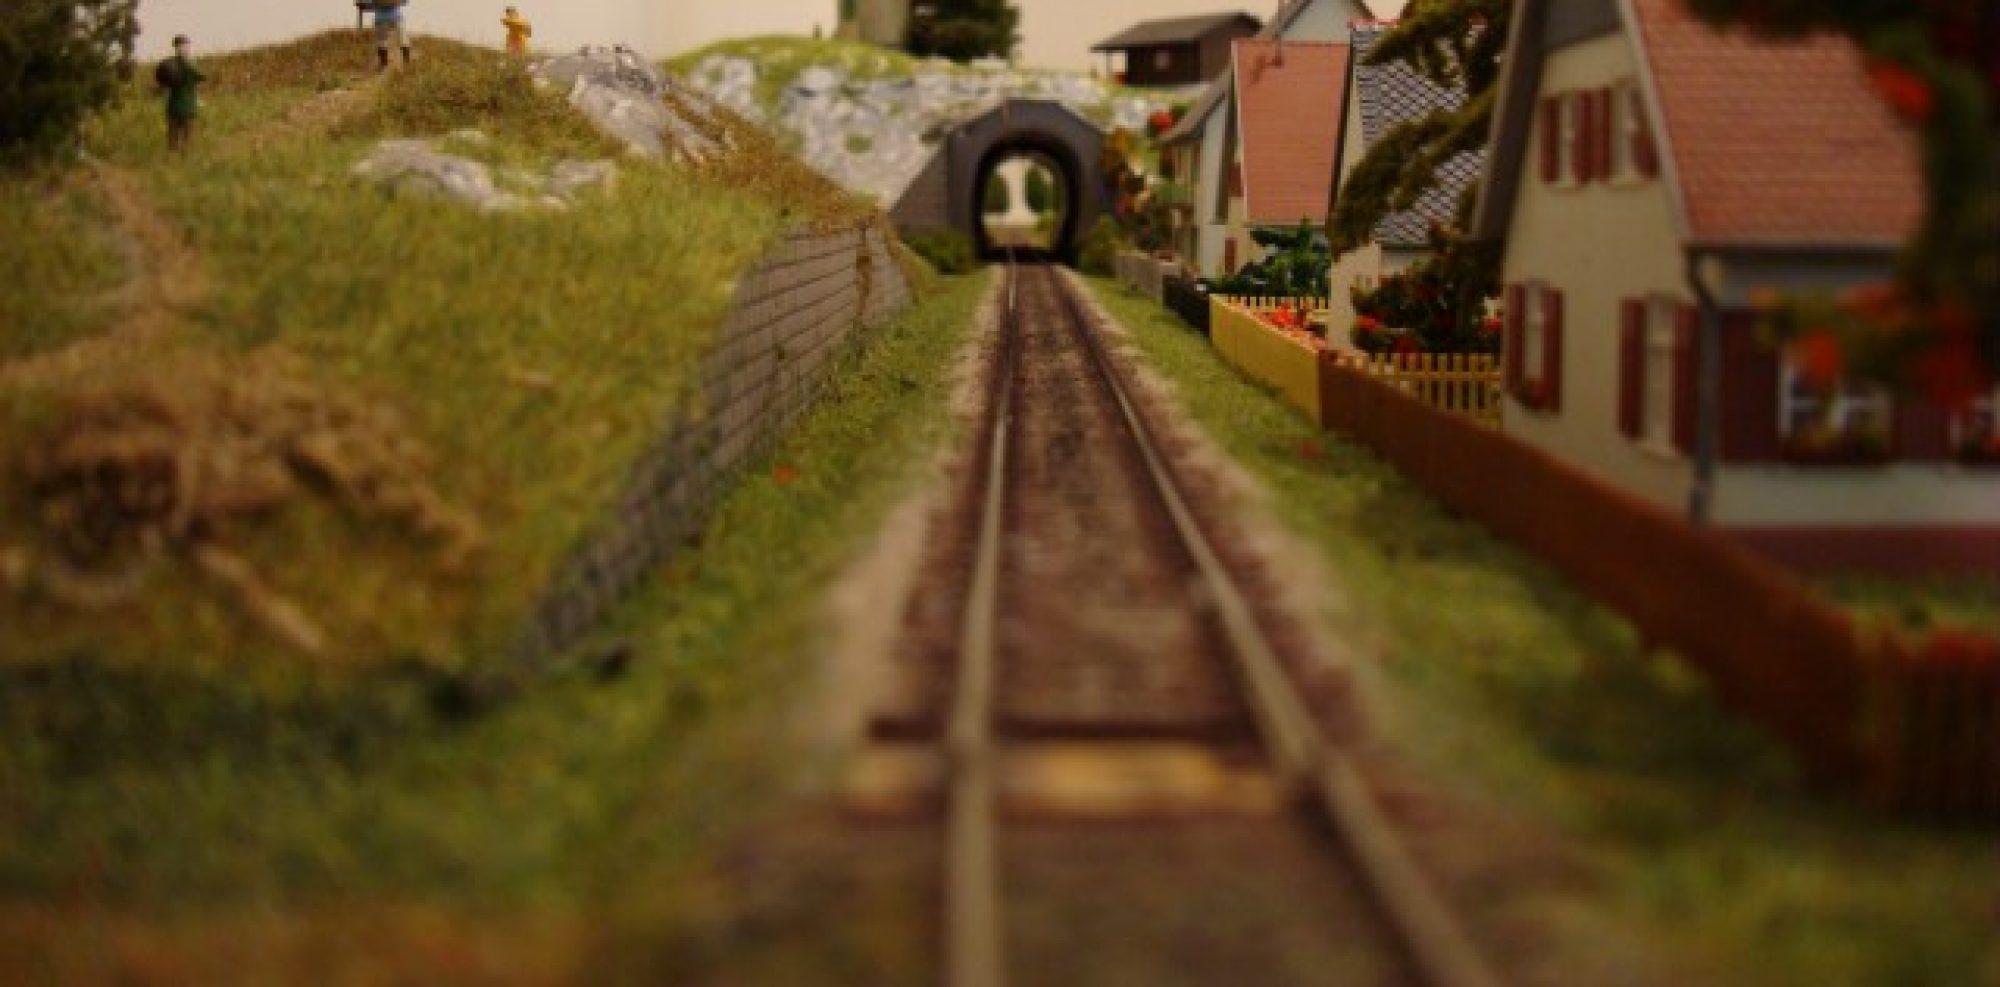 Modell-Eisenbahn-Club Mödling